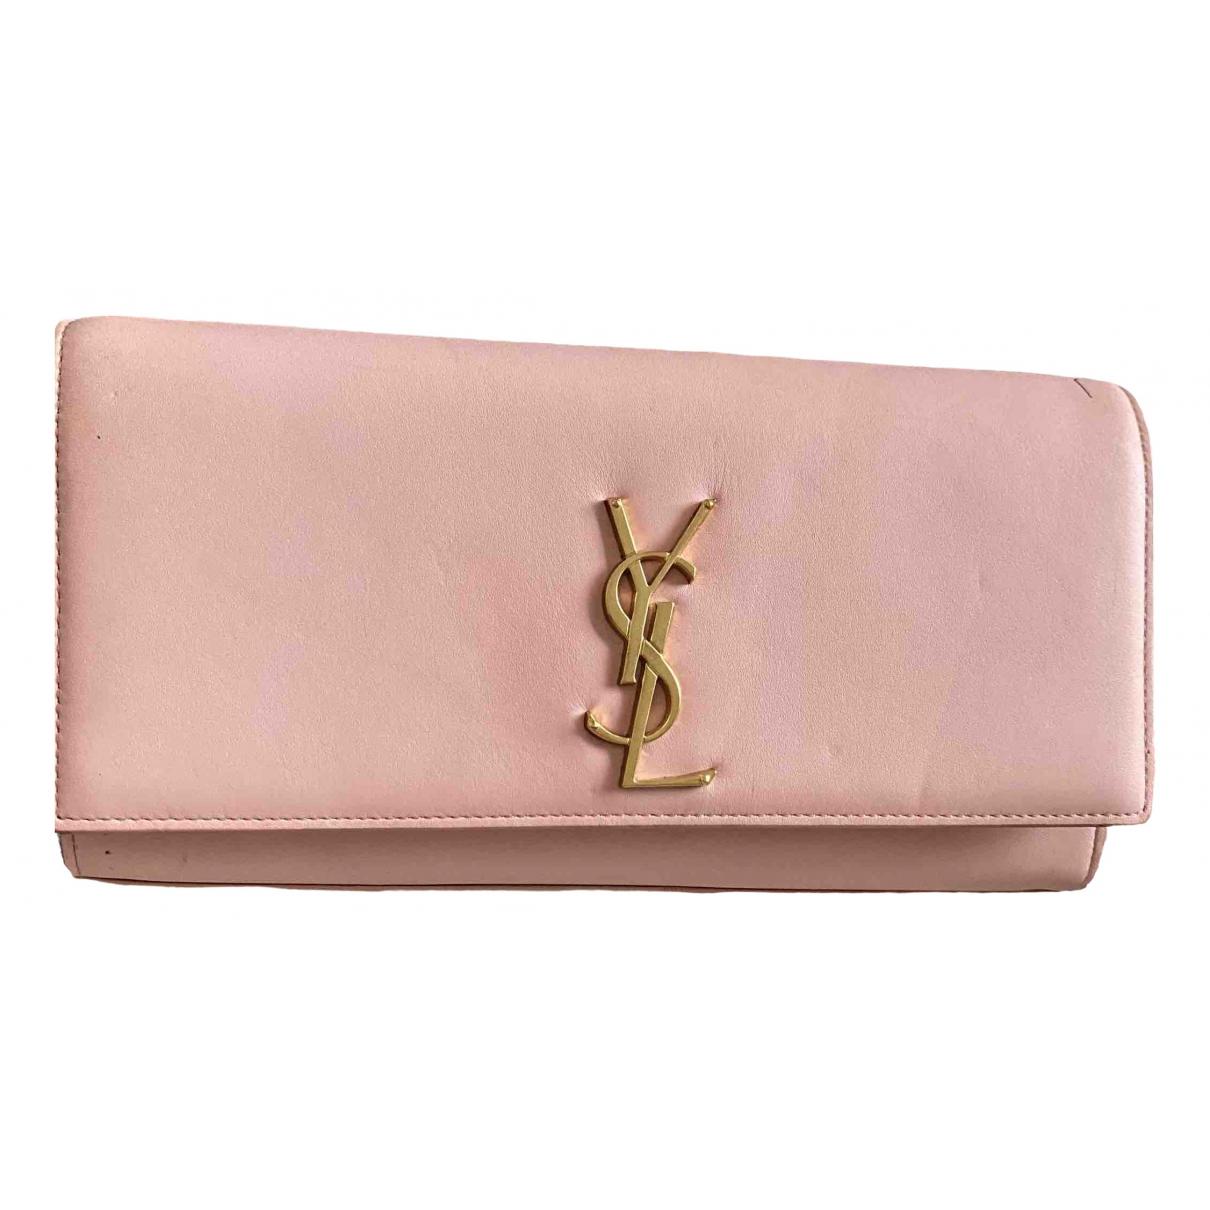 Saint Laurent - Pochette Kate monogramme pour femme en cuir - rose